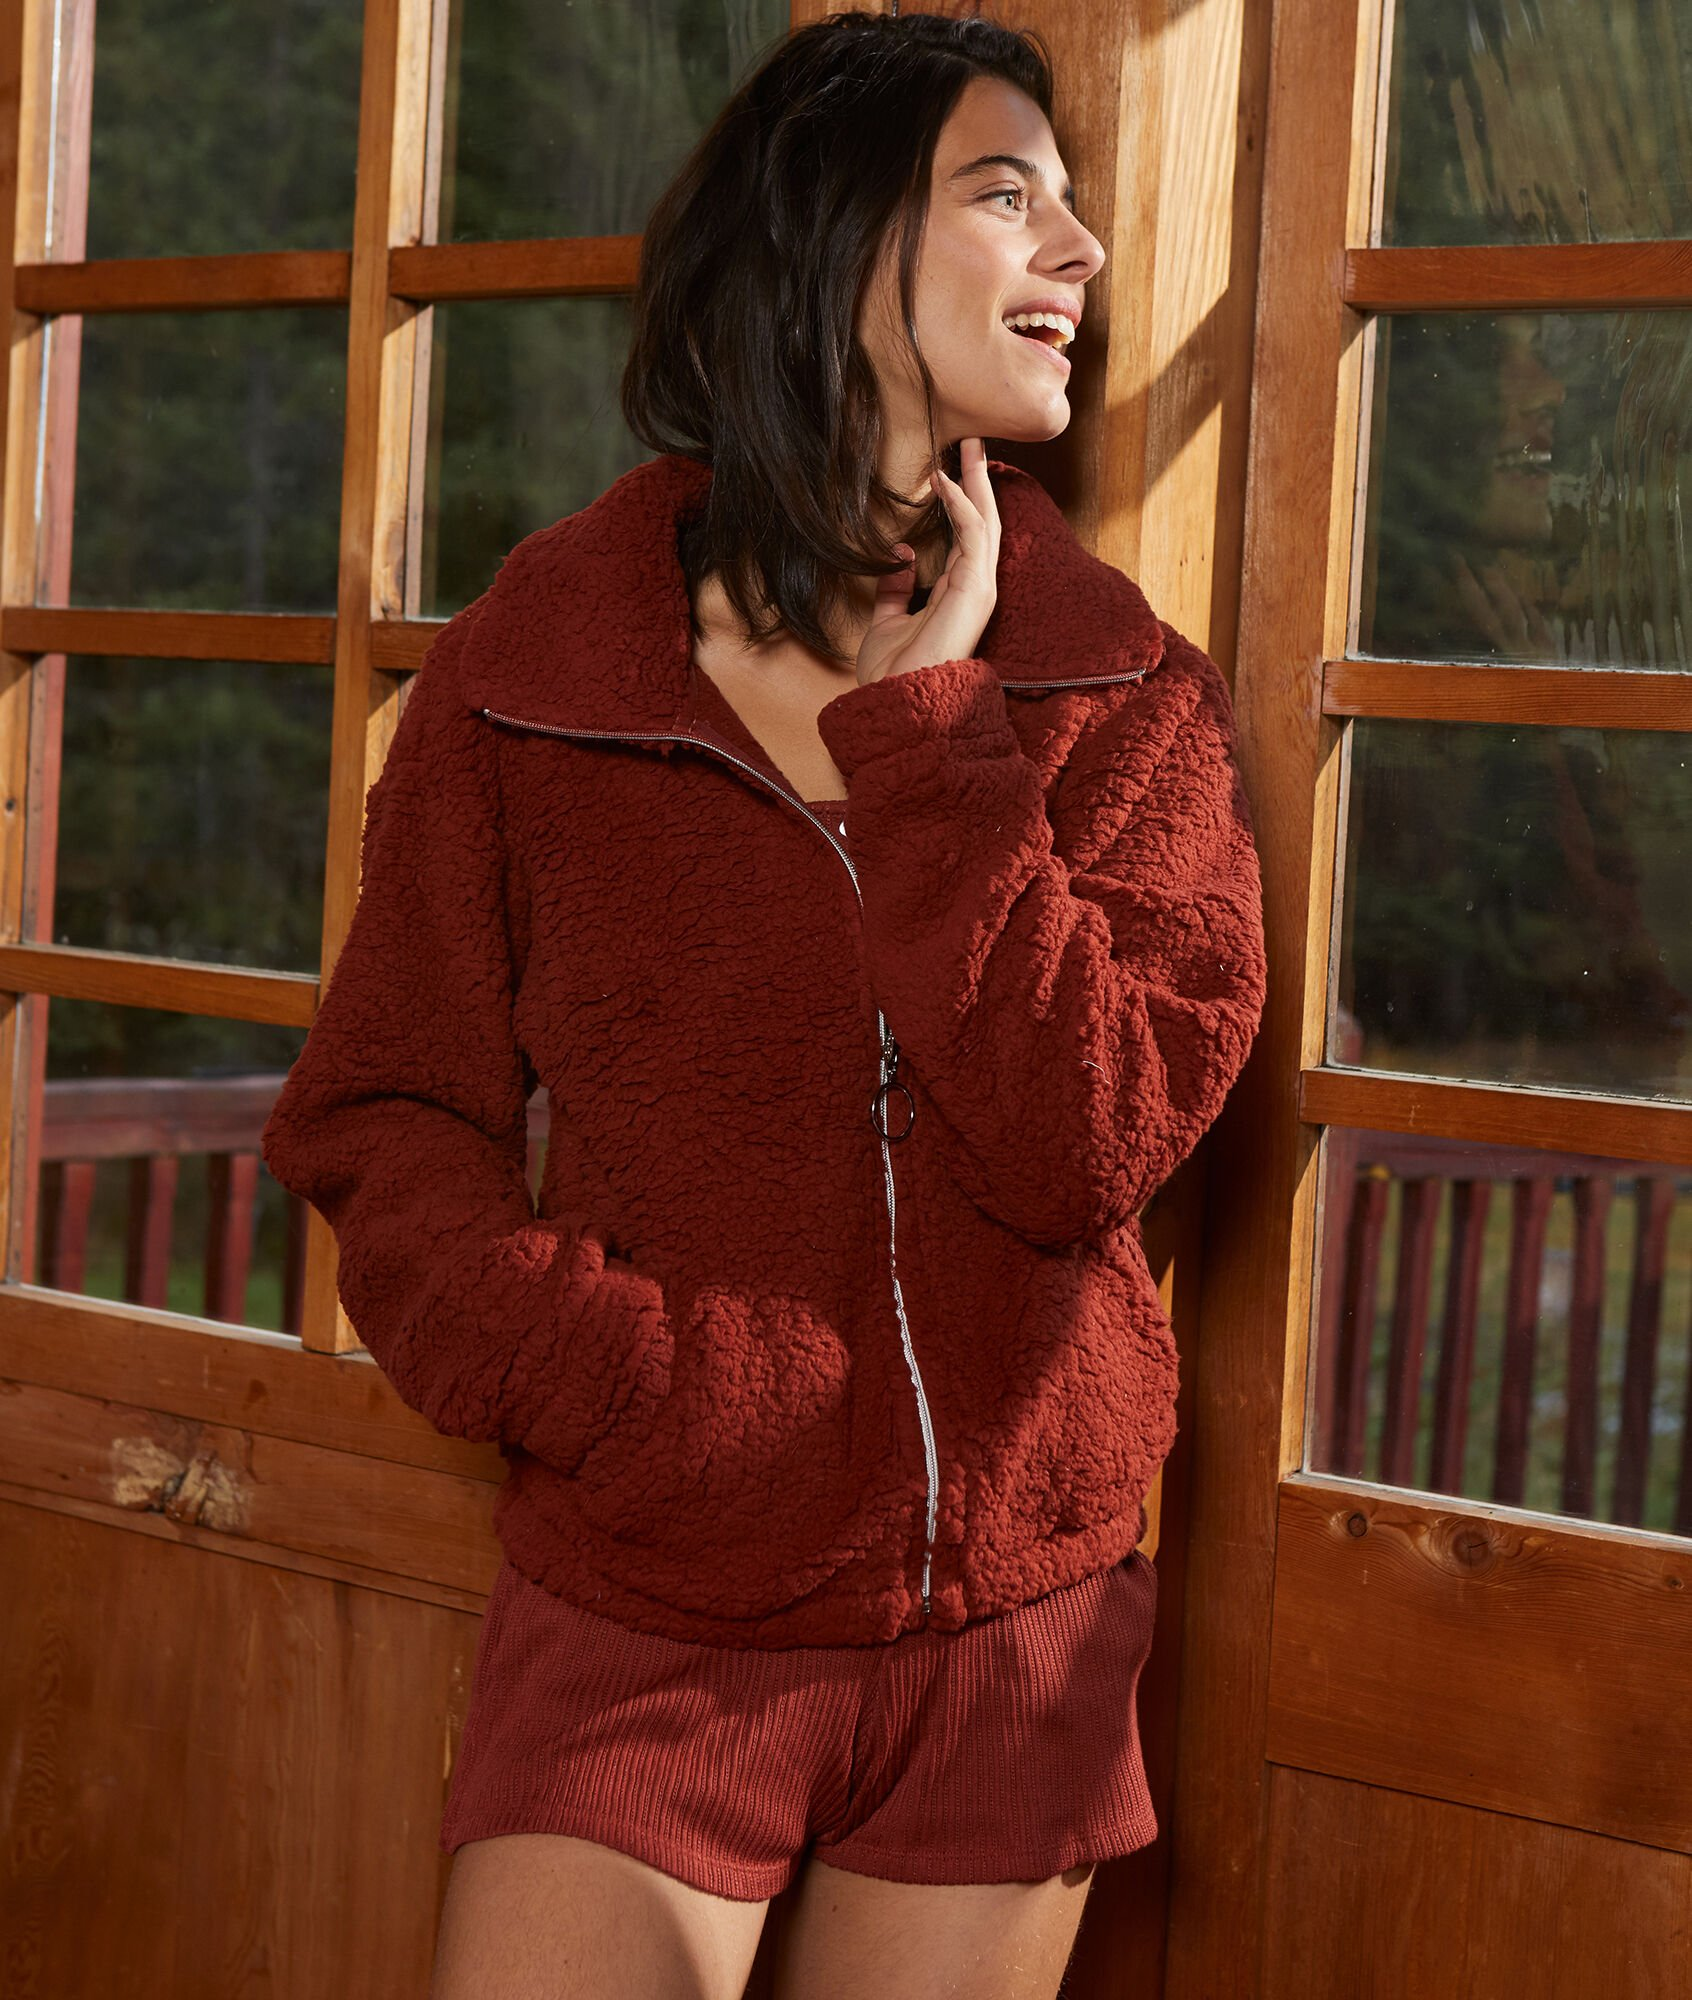 TAYRON Bluza z przytulnego materiału